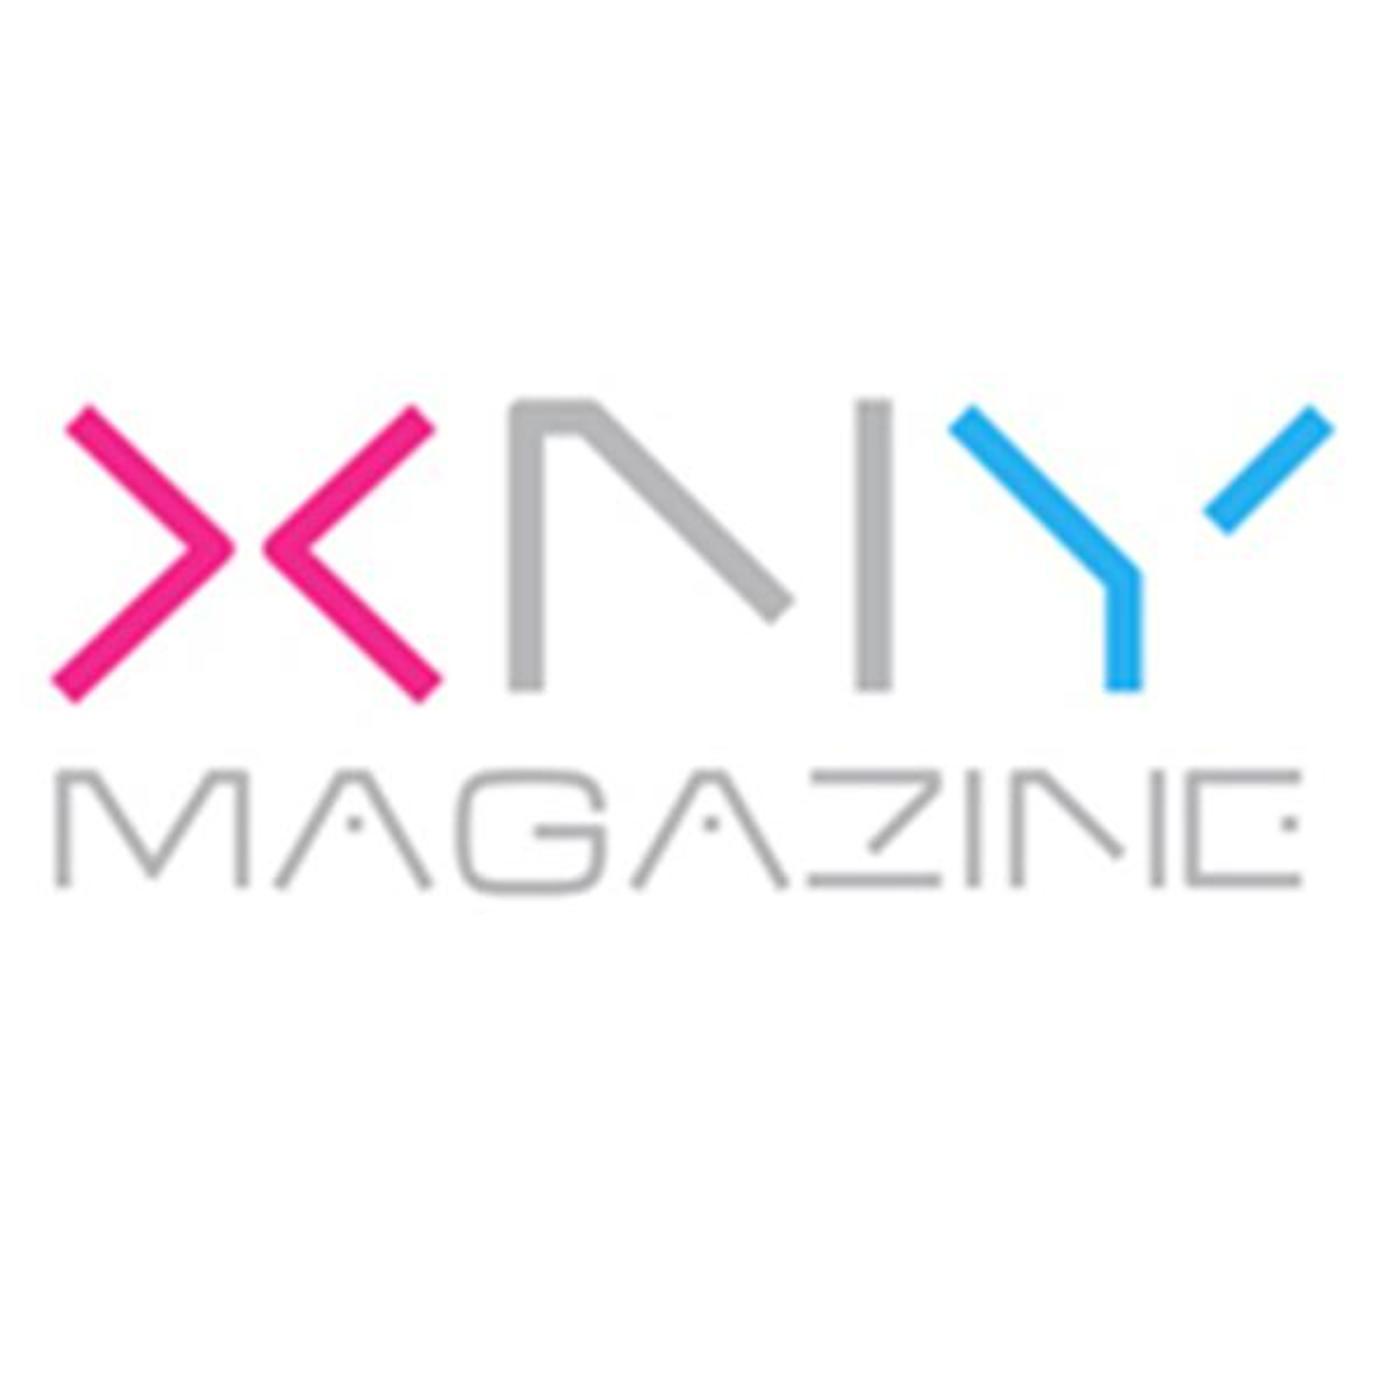 XNY Magazine